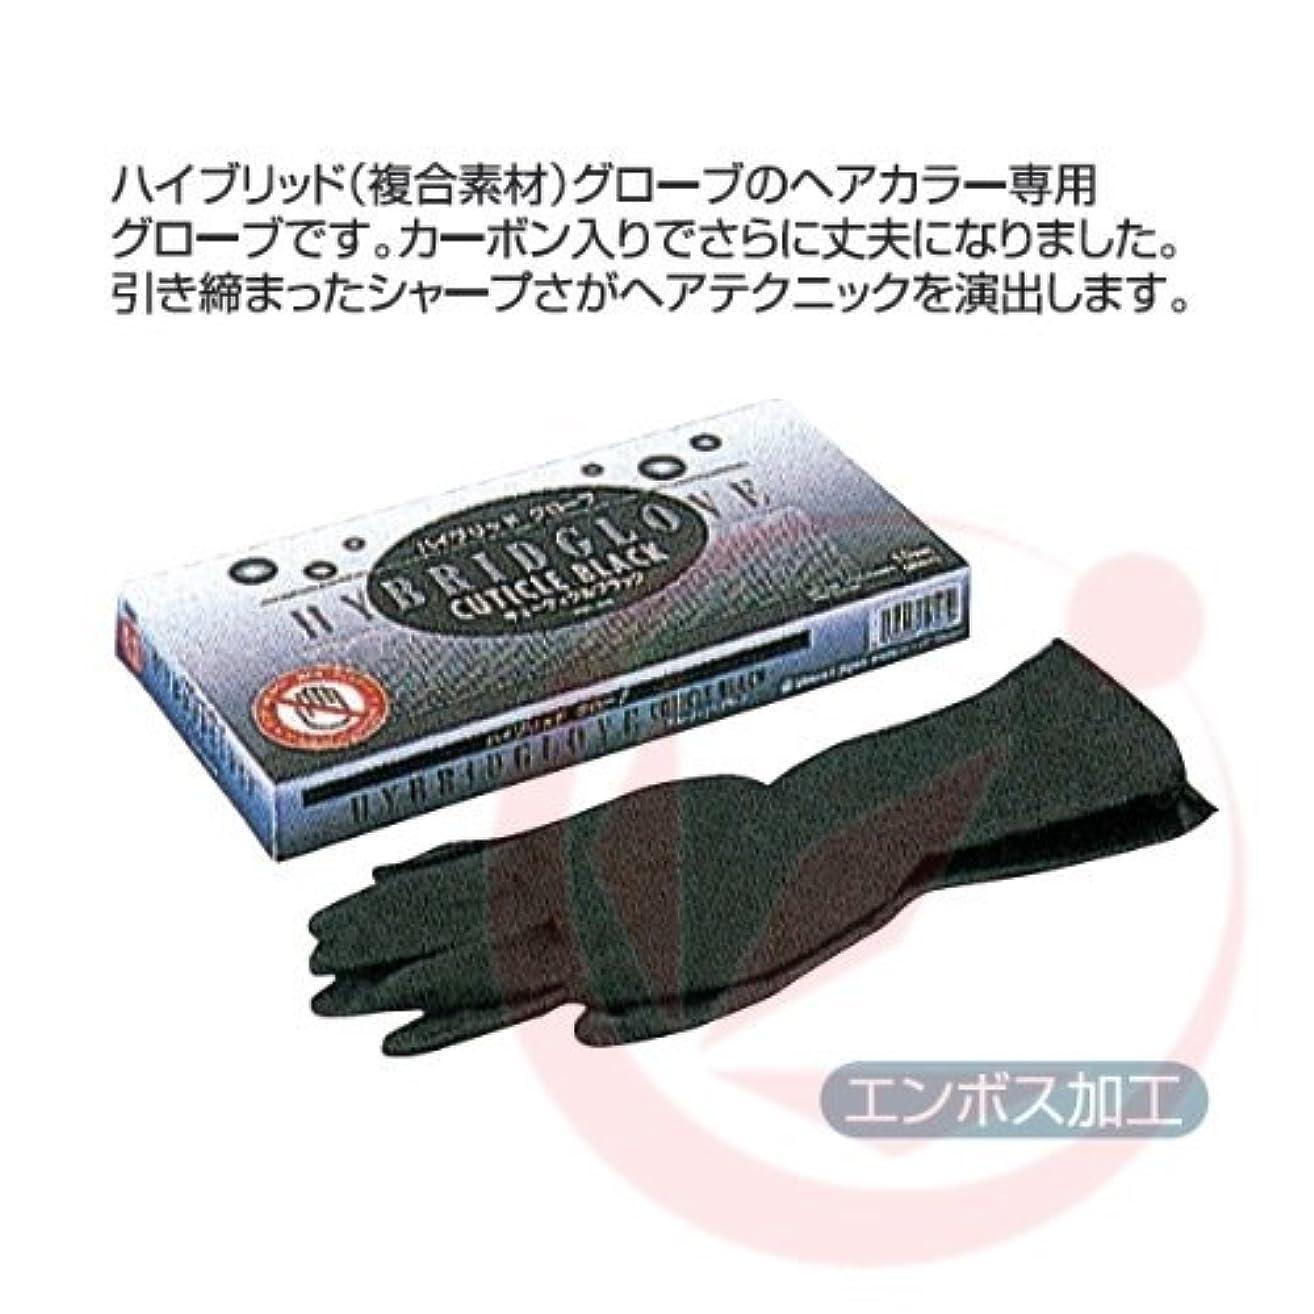 流暢タブレット顎ハイブリッドグローブ キューティクルグラック SS 10set(20枚入) 6個セット